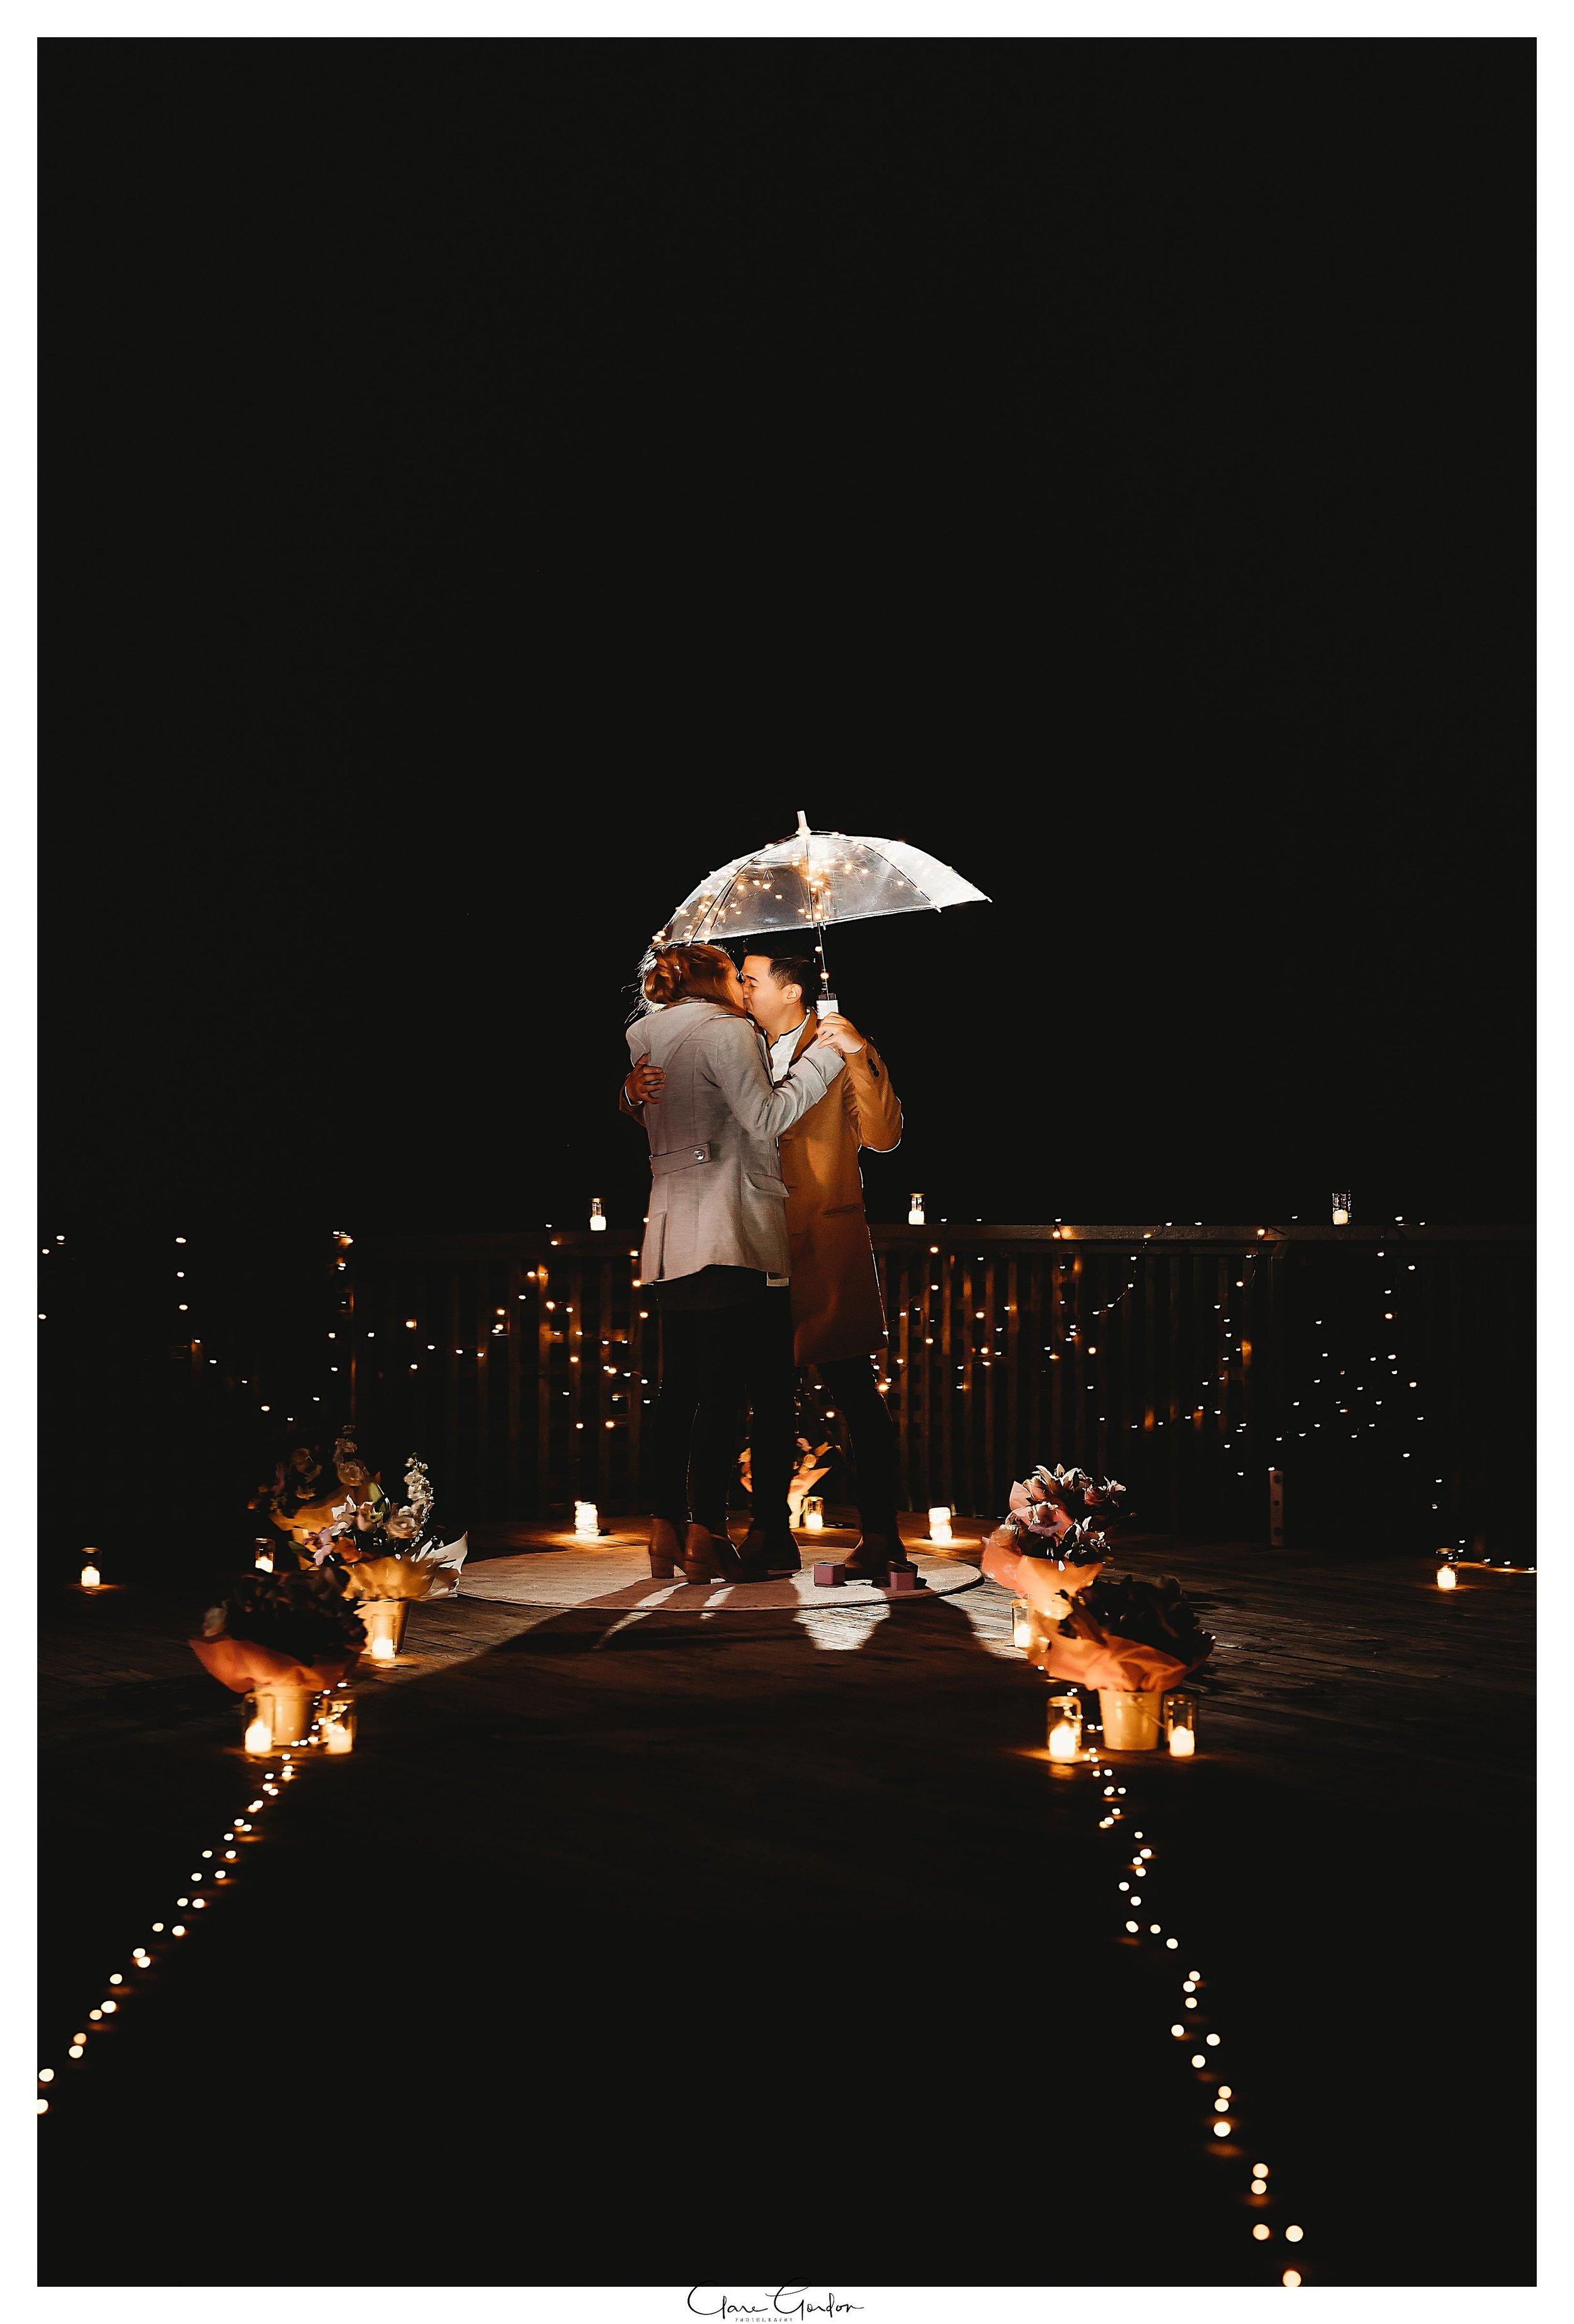 Suprise-Proposal-Engagement-photos-at-night-Raglan-Clare-Gordon-photography (12).jpg